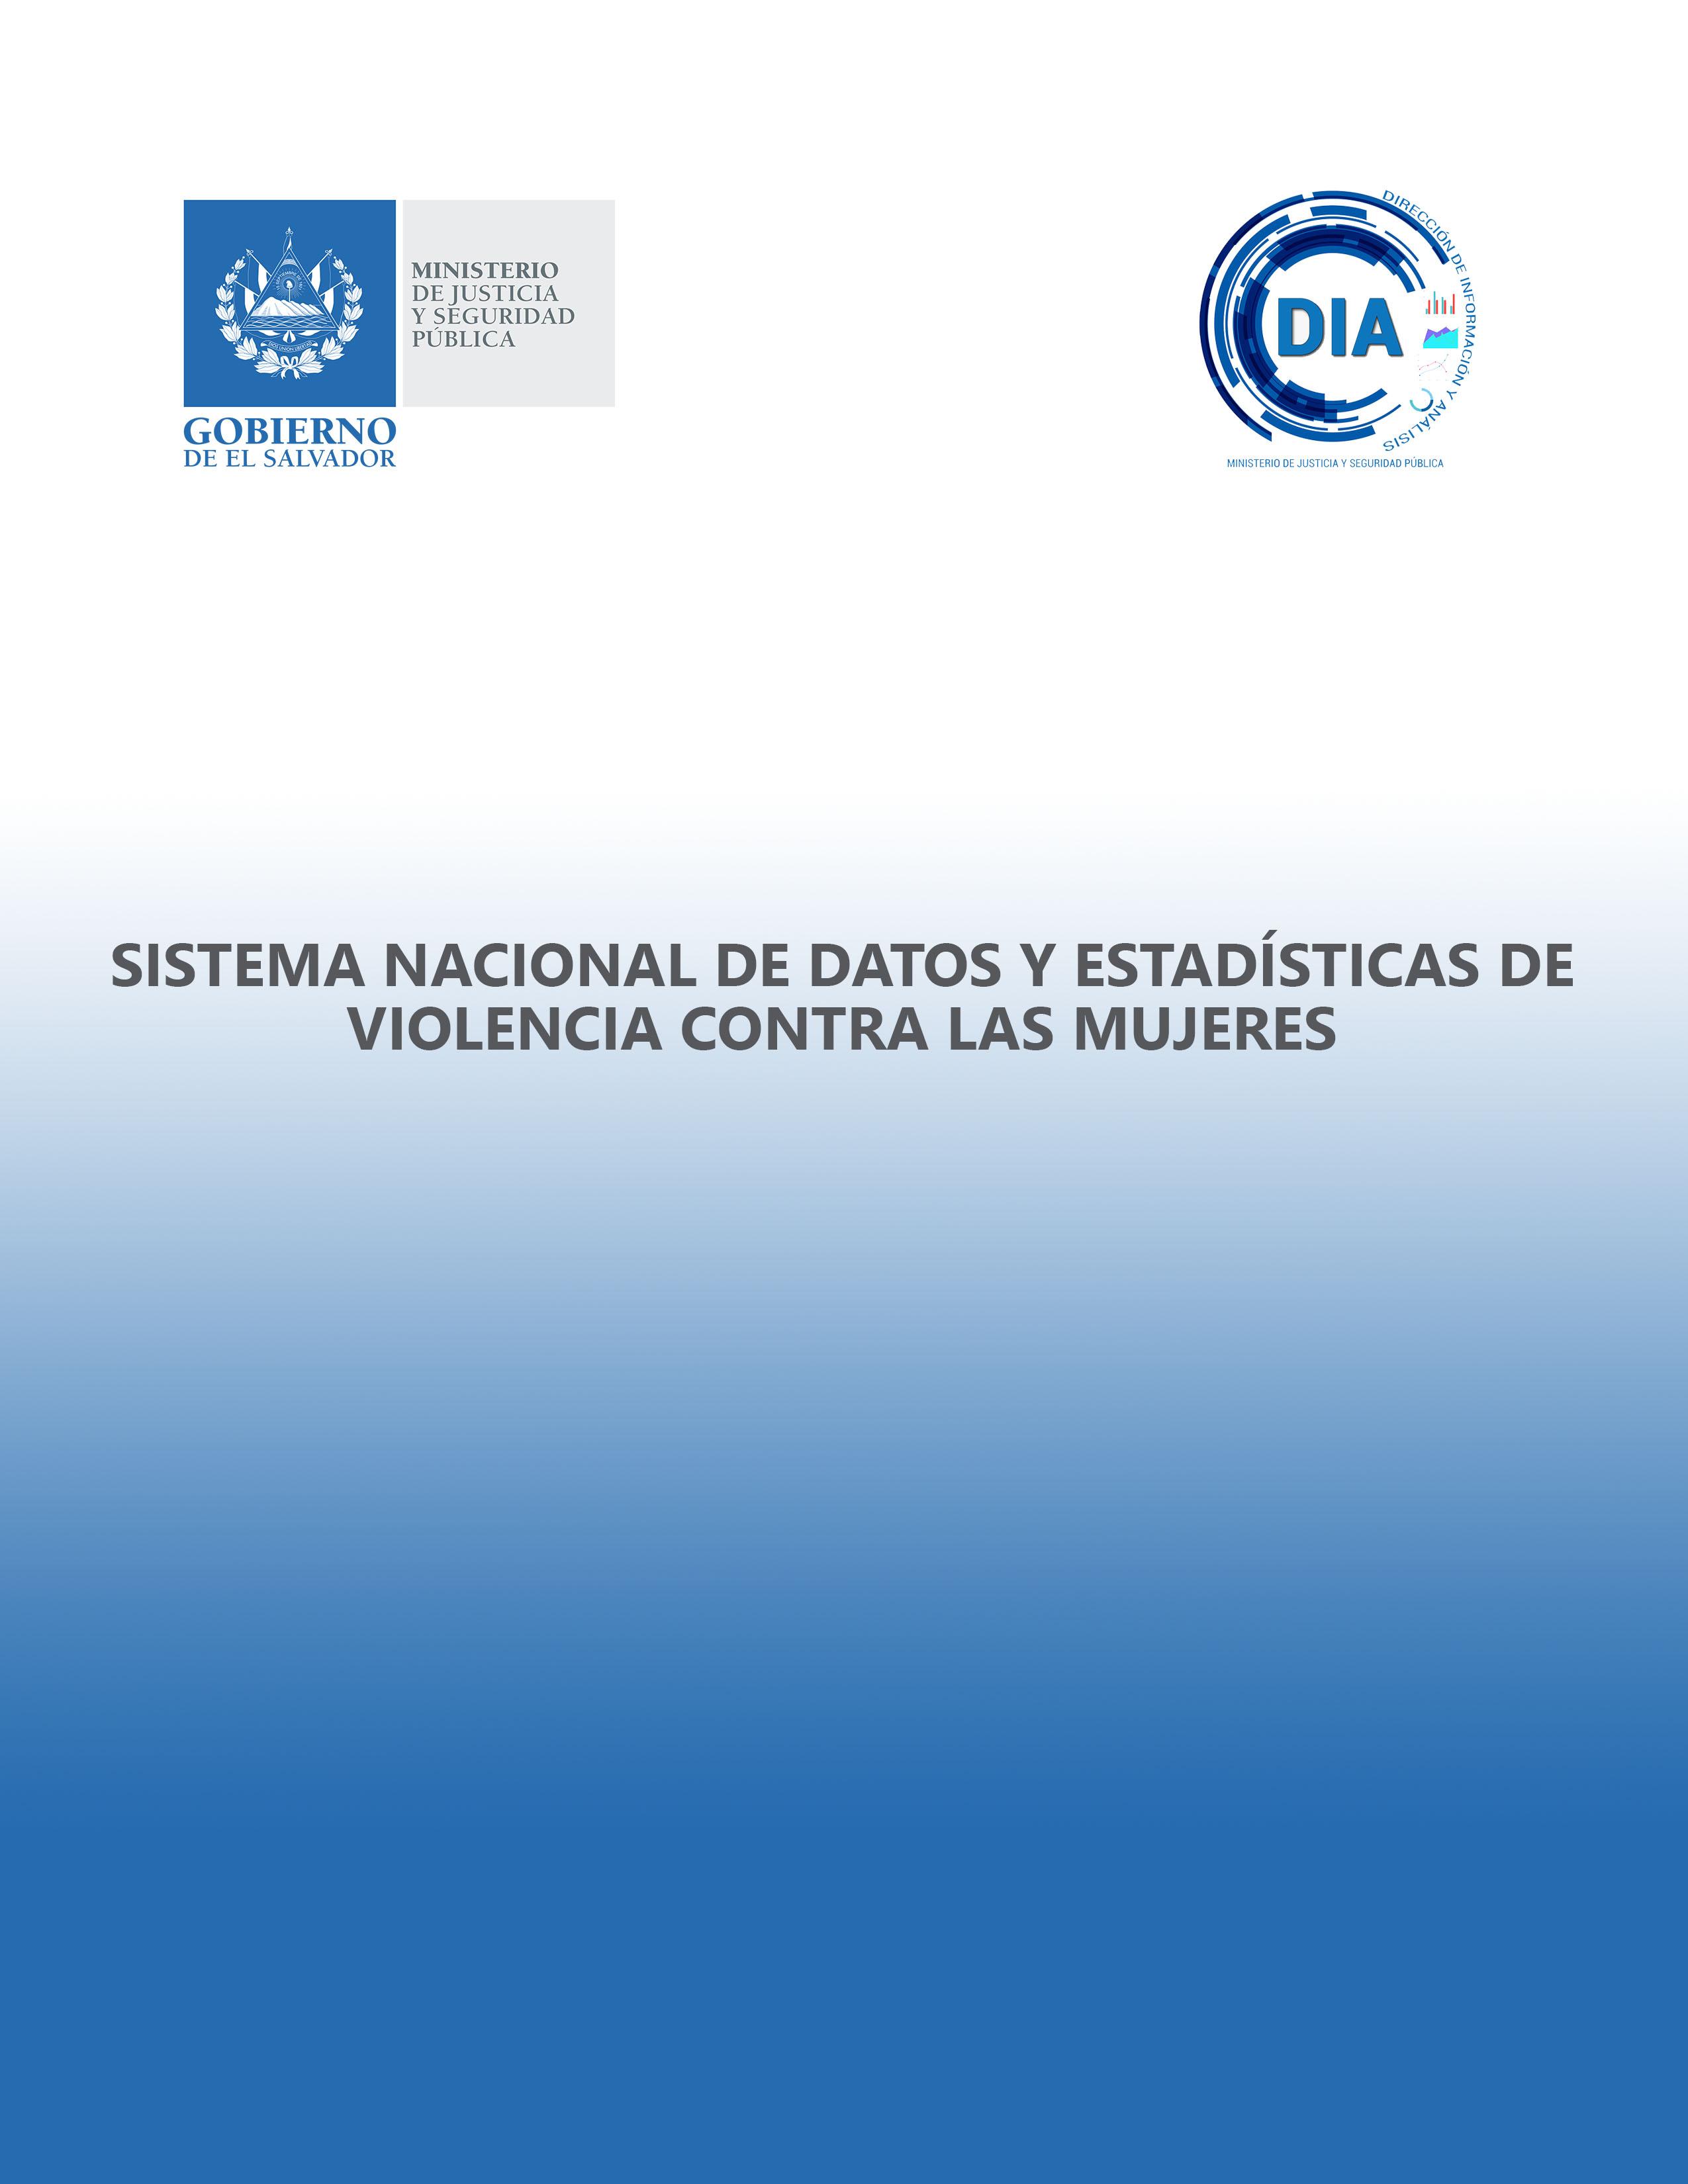 Sistema Nacional de Datos y Estadistica de violencia